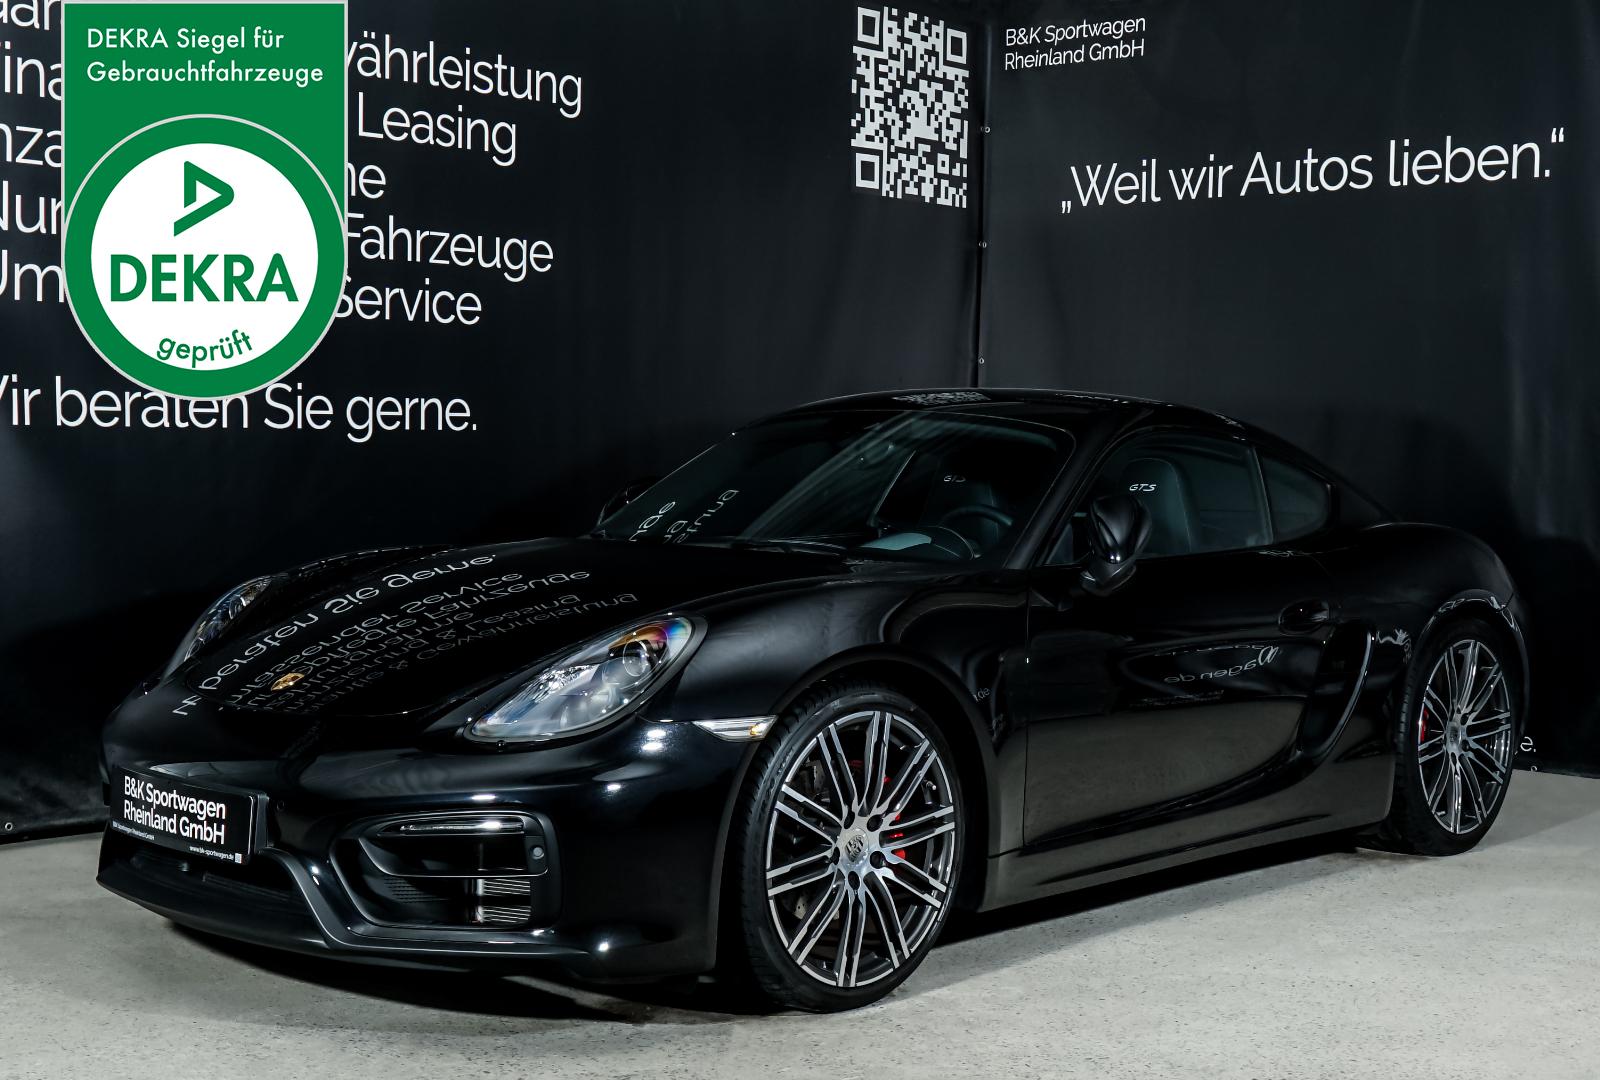 Porsche_Cayman_GTS_Schwarz_Schwarz_POR-1361_Plakette_w